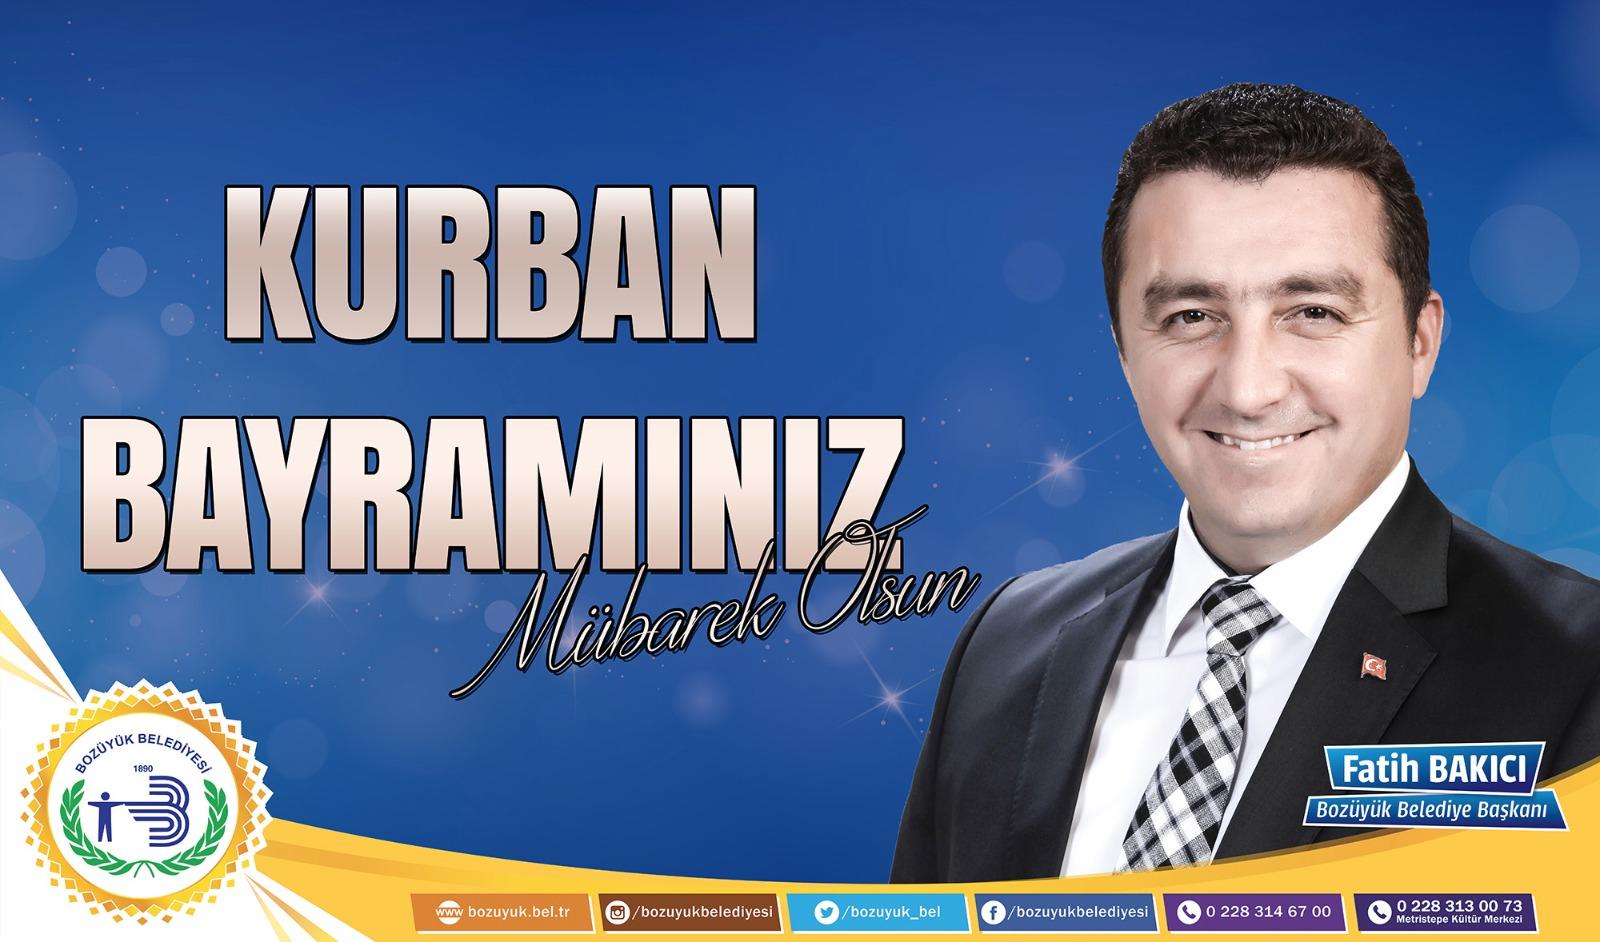 kurban-bayrami-mesaji-1-(1).jpg